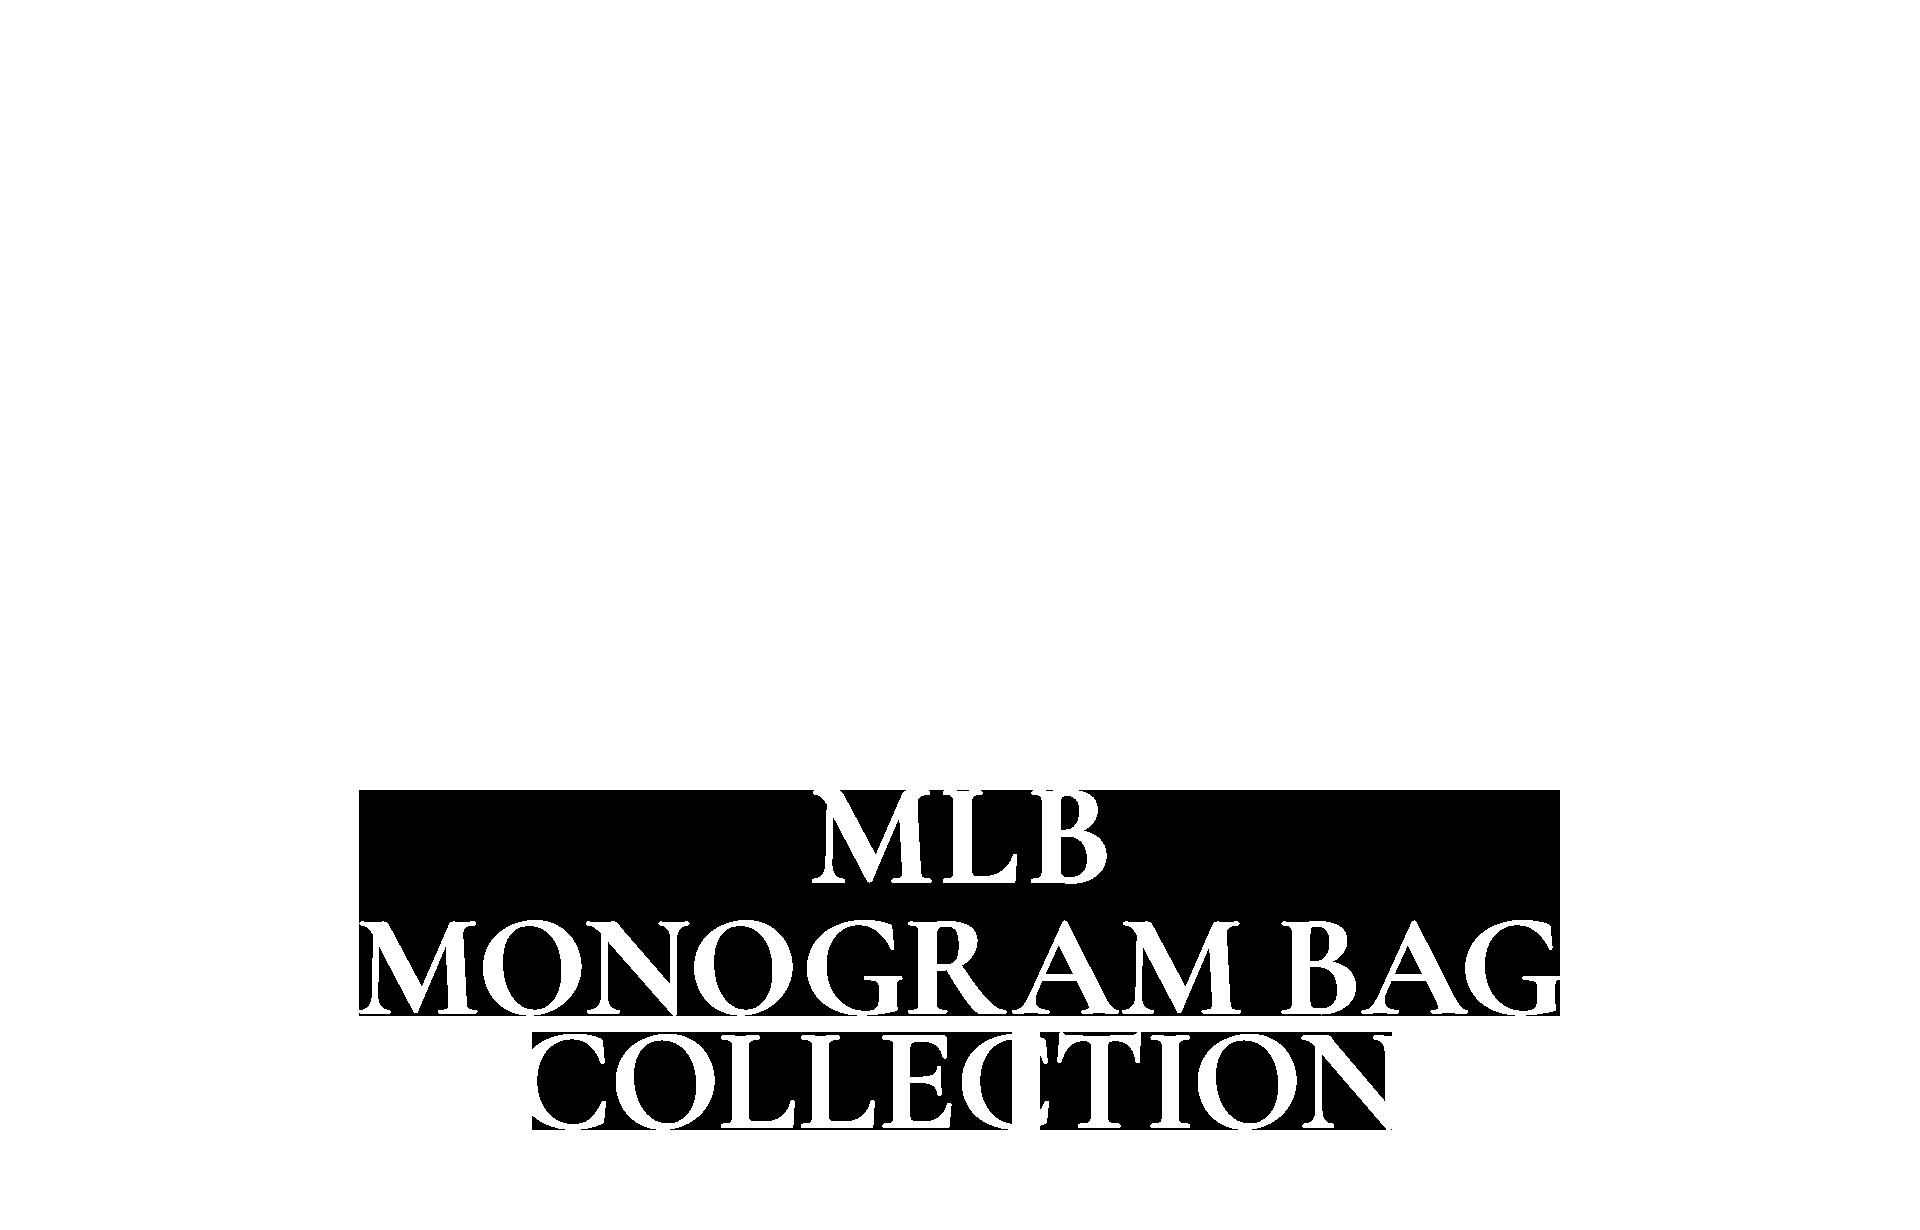 MLB MONOGRAM BAG COLLECTION